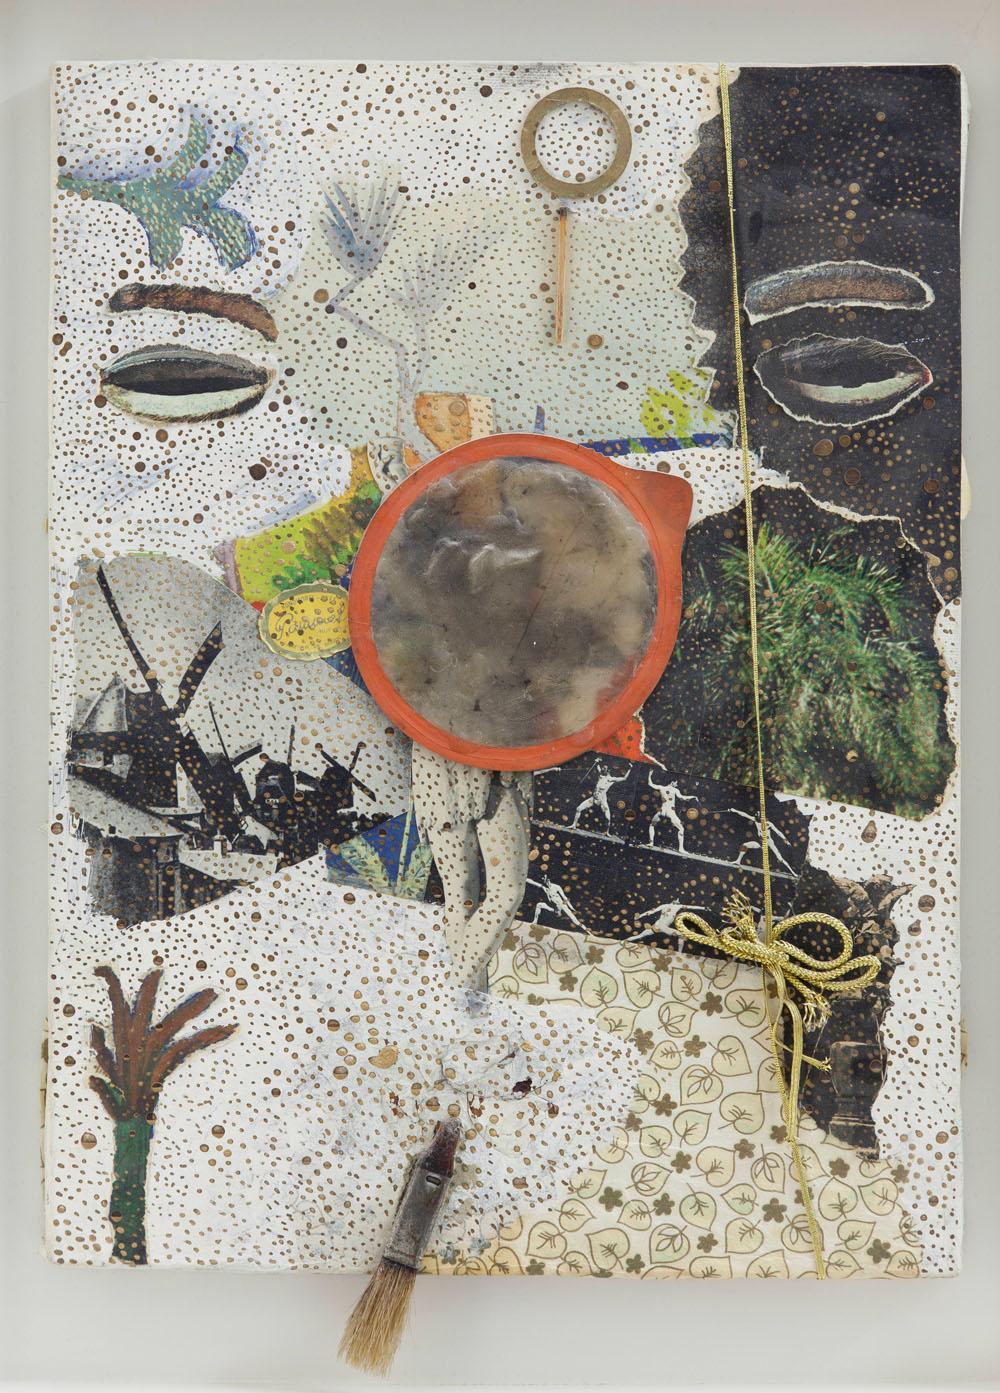 Michael Buthe, ohne Titel, frühe 1970er-Jahre Collage, Foto, goldene Verpackungslitze, Deckel einer Dose in Wachs mit Gummiring, Teil eines Pinsels, aufgeklebt, Goldbronze auf Papier auf Leinwand, Kunstmuseum Luzern, © Pro Litteris, Zürich